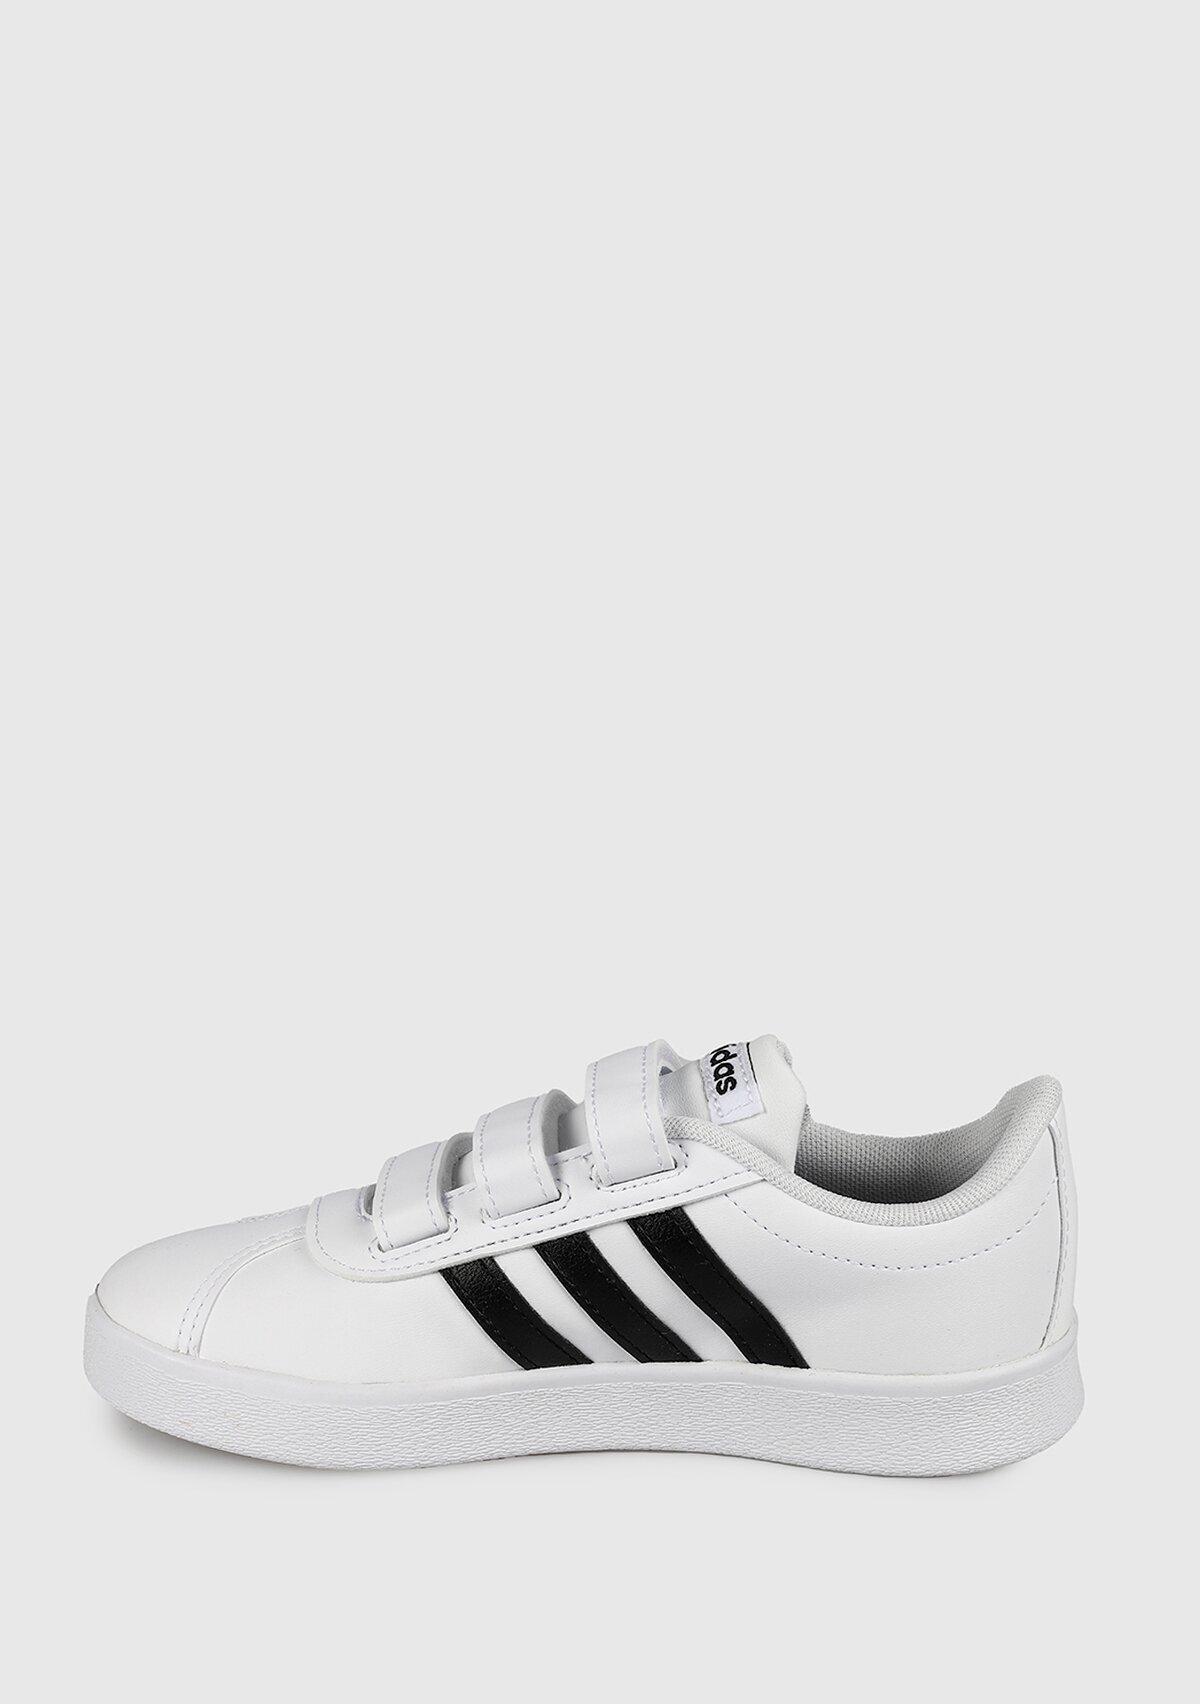 resm Vl Court Cmf C Beyaz Unisex Spor Ayakkabı Db1837